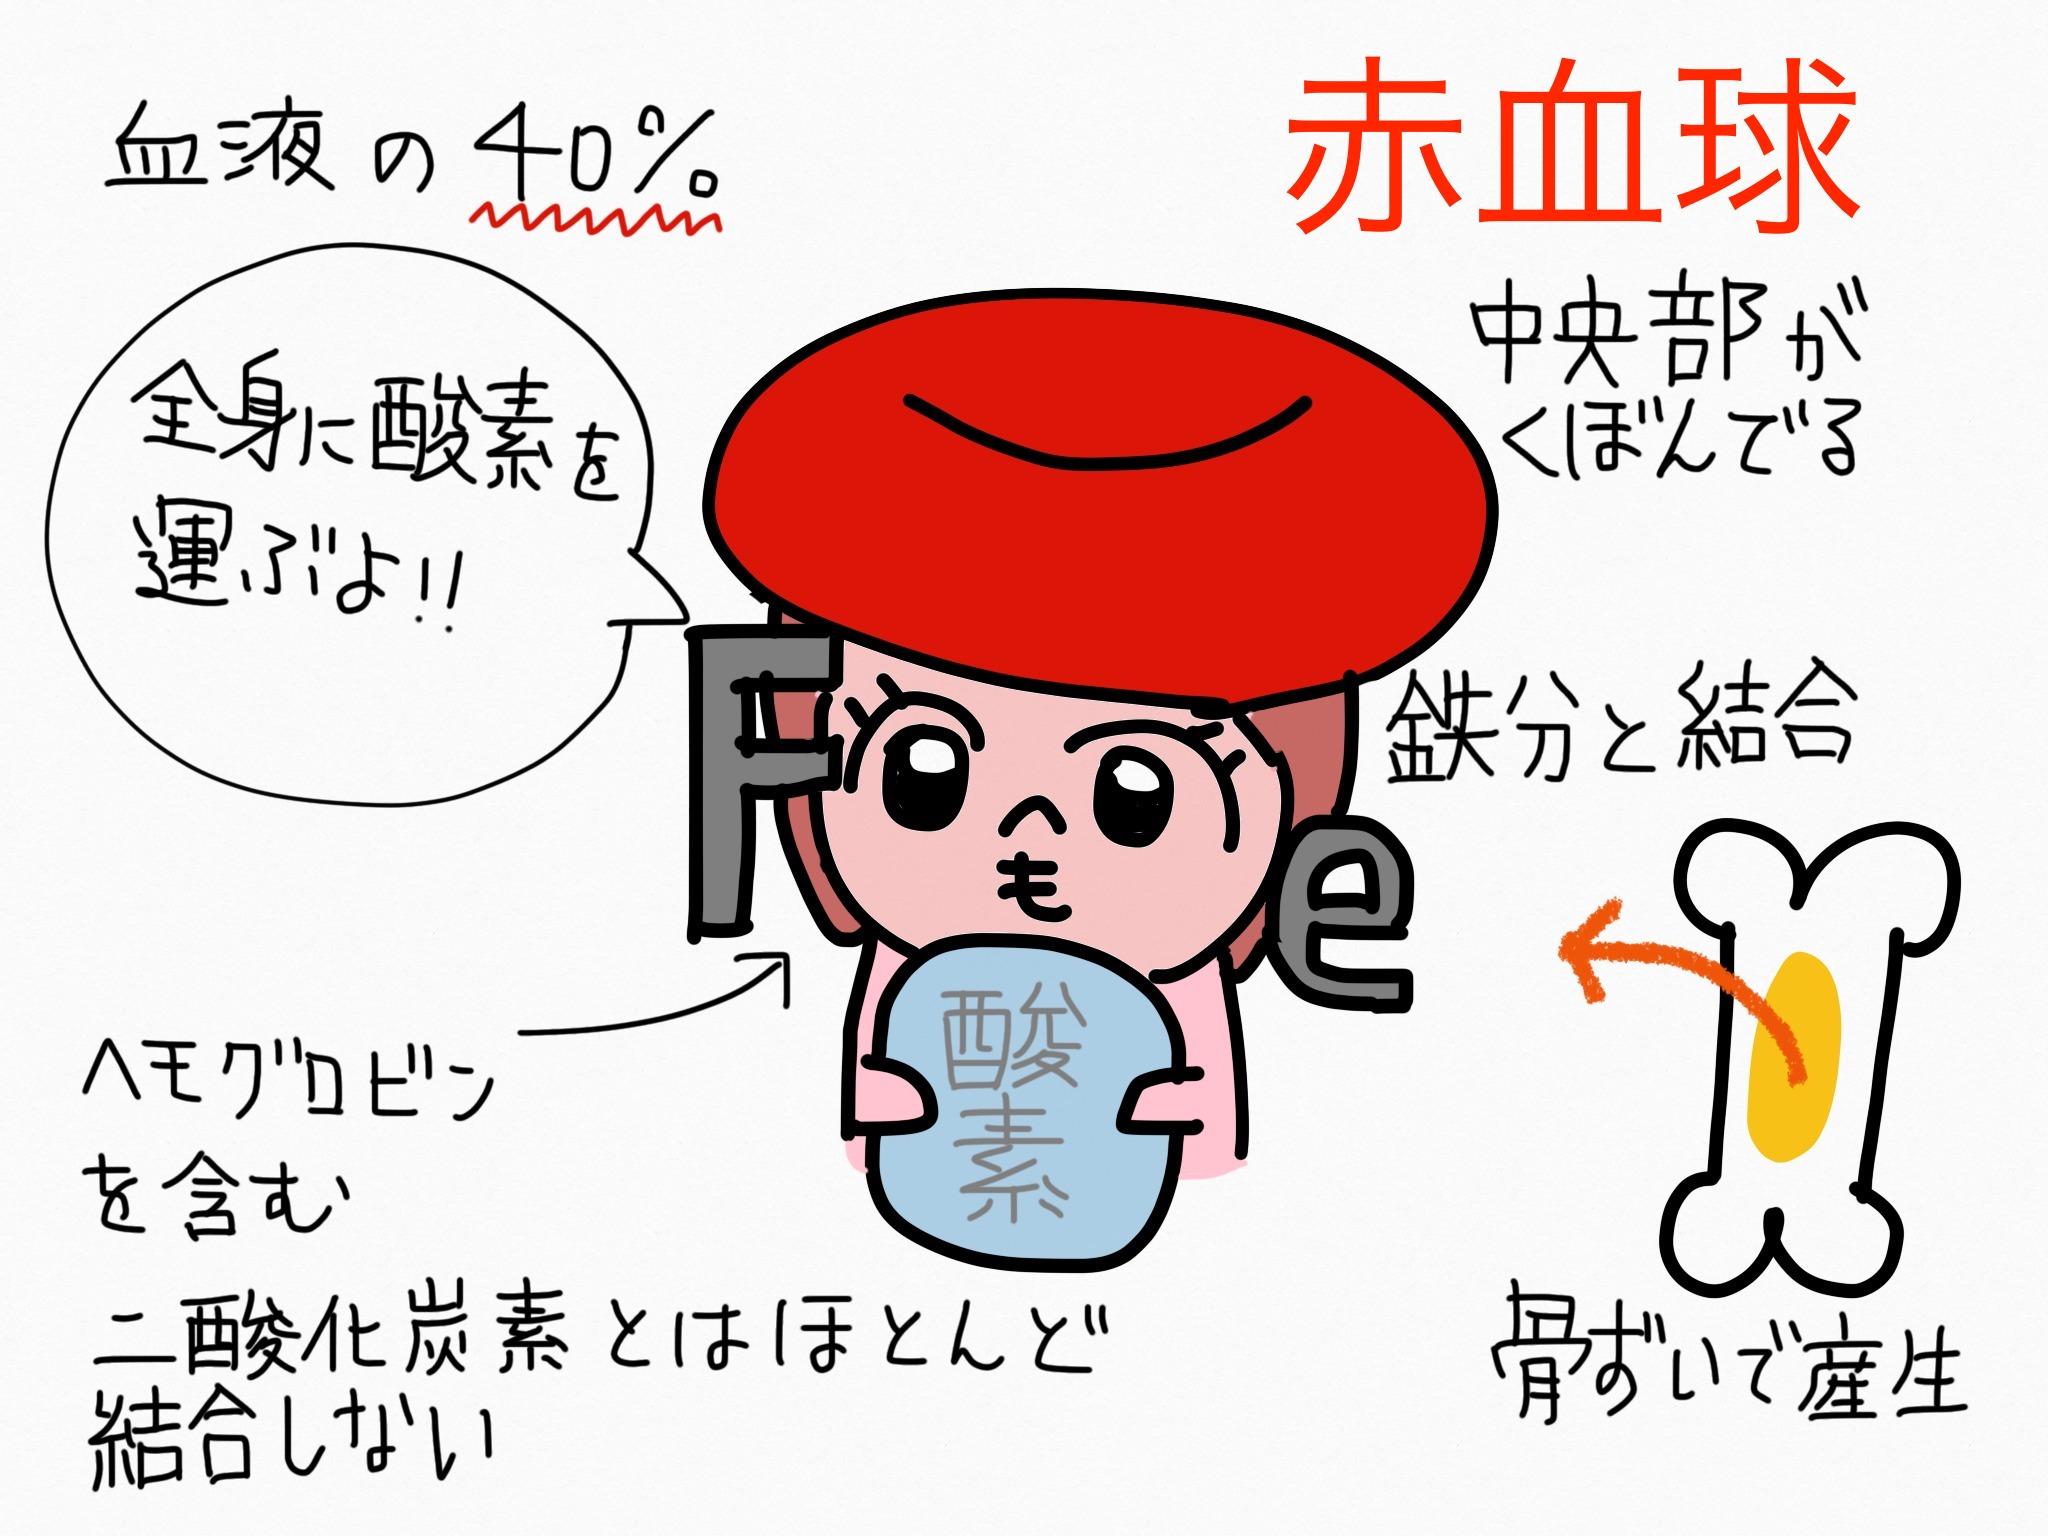 循環器系/赤血球【第2章の覚え方】